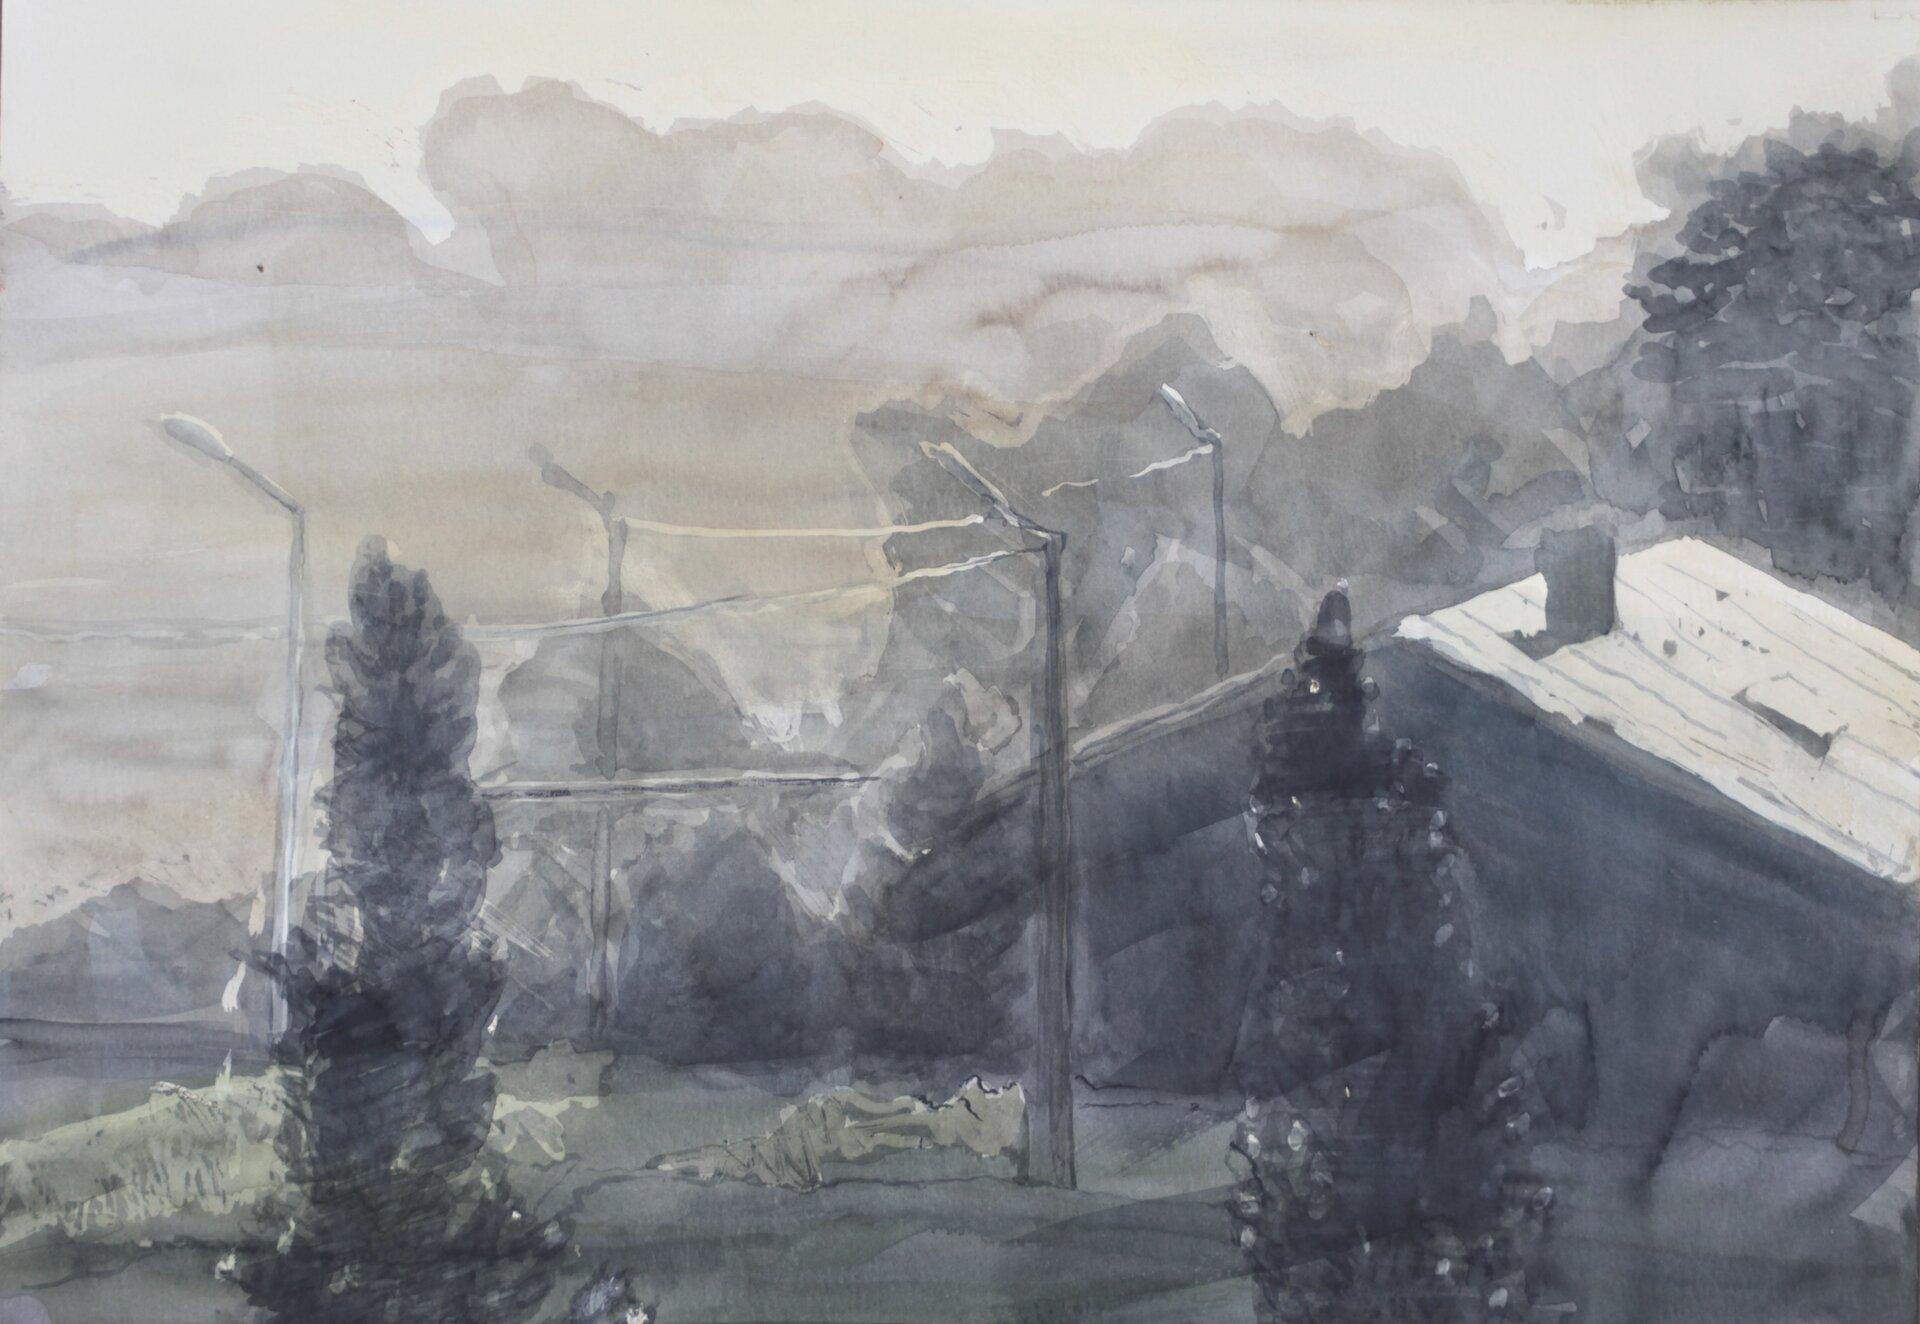 """Ilustracja przedstawia obraz """"Światło"""" autorstwa Michała Trägera. Akwarela ukazuje krajobraz zciemnymi, wysmukłymi drzewami na pierwszym planie. Woddali, artysta przy pomocy lekkich pionowych pociągnięć pędzla namalował latarnie. Biały skośny kształt dachu wyróżnia się na tle zarysu konarów ciemnych drzew. Nad pejzażem unosi się ciężka plama chmur. Akwarela utrzymana jest wchłodnej, szaro-zielonej tonacji."""